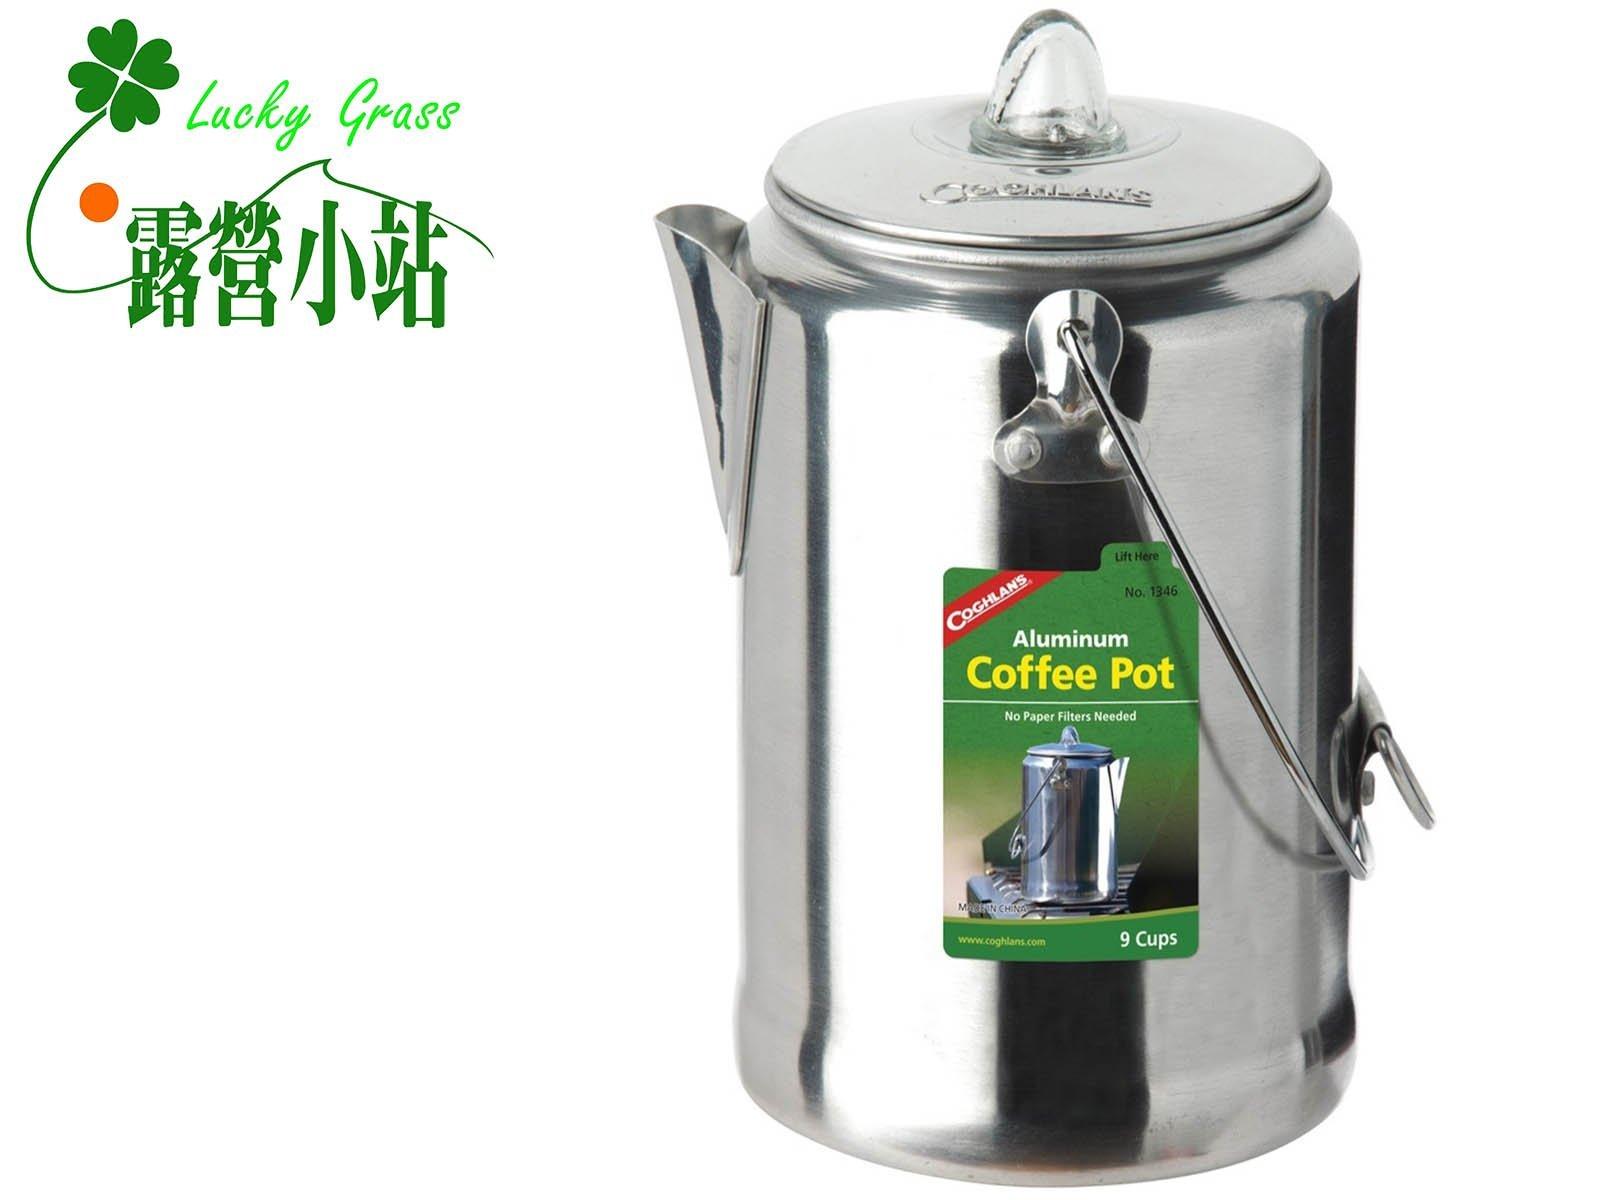 露營小站~【1346 】Coghlans 鋁合金咖啡壺 9杯 Aluminum Coffee Pot 9 Cu